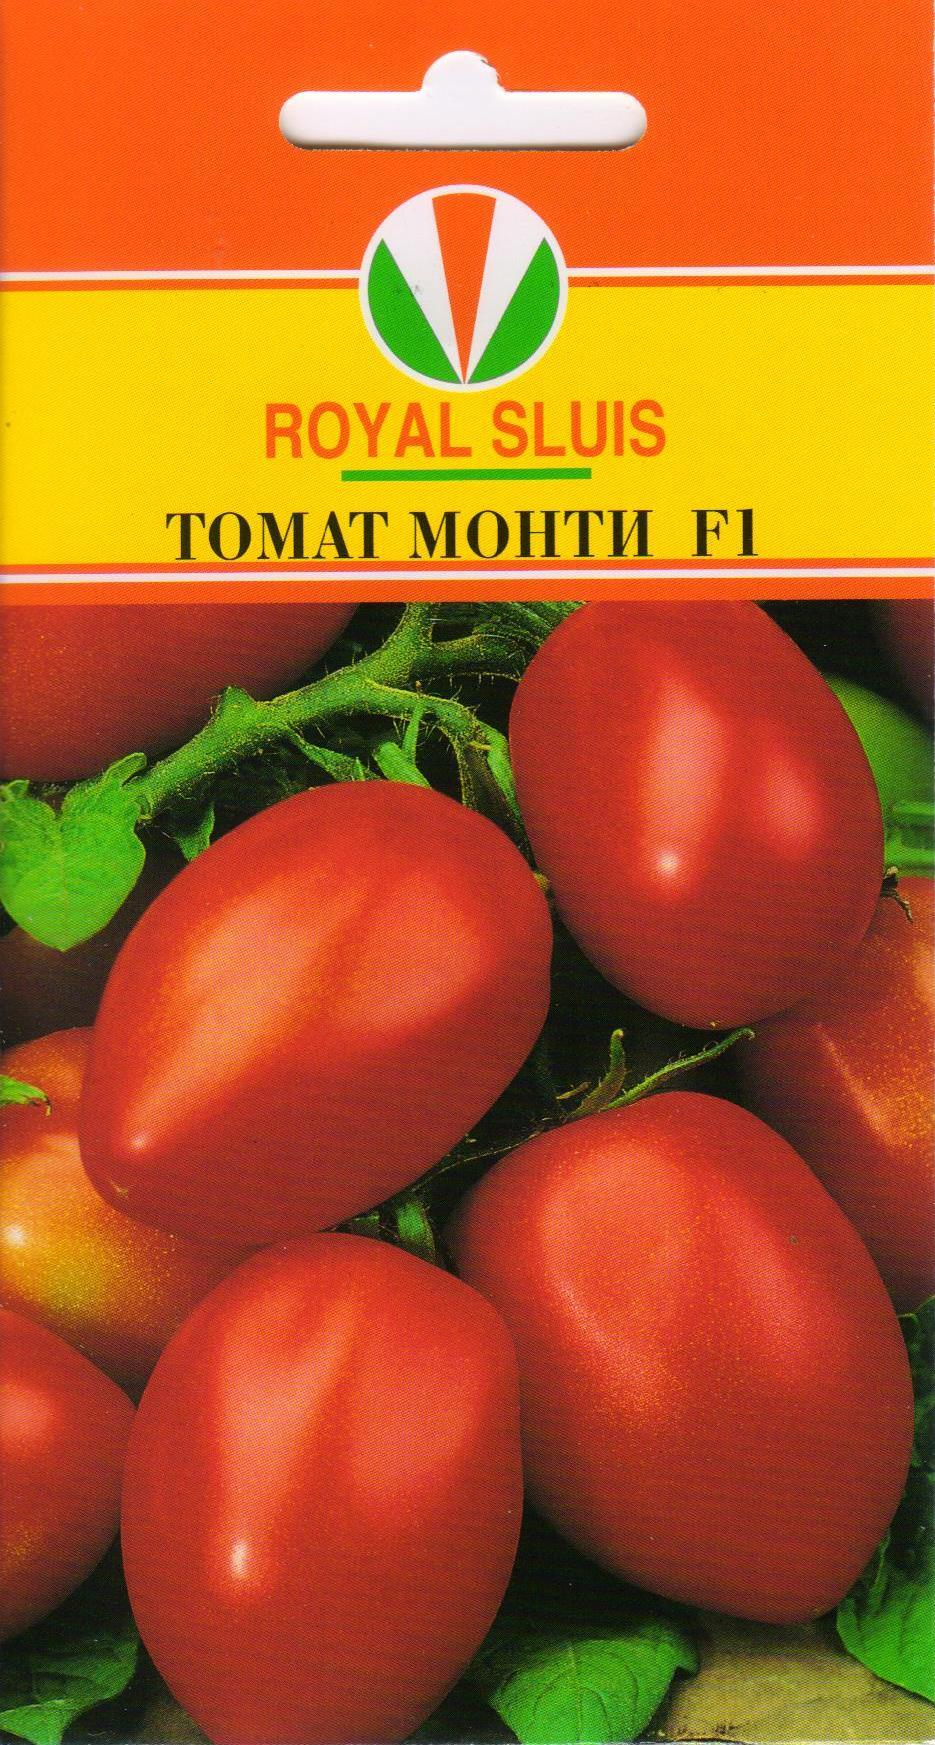 Описание томата Монти F1 и его характеристики